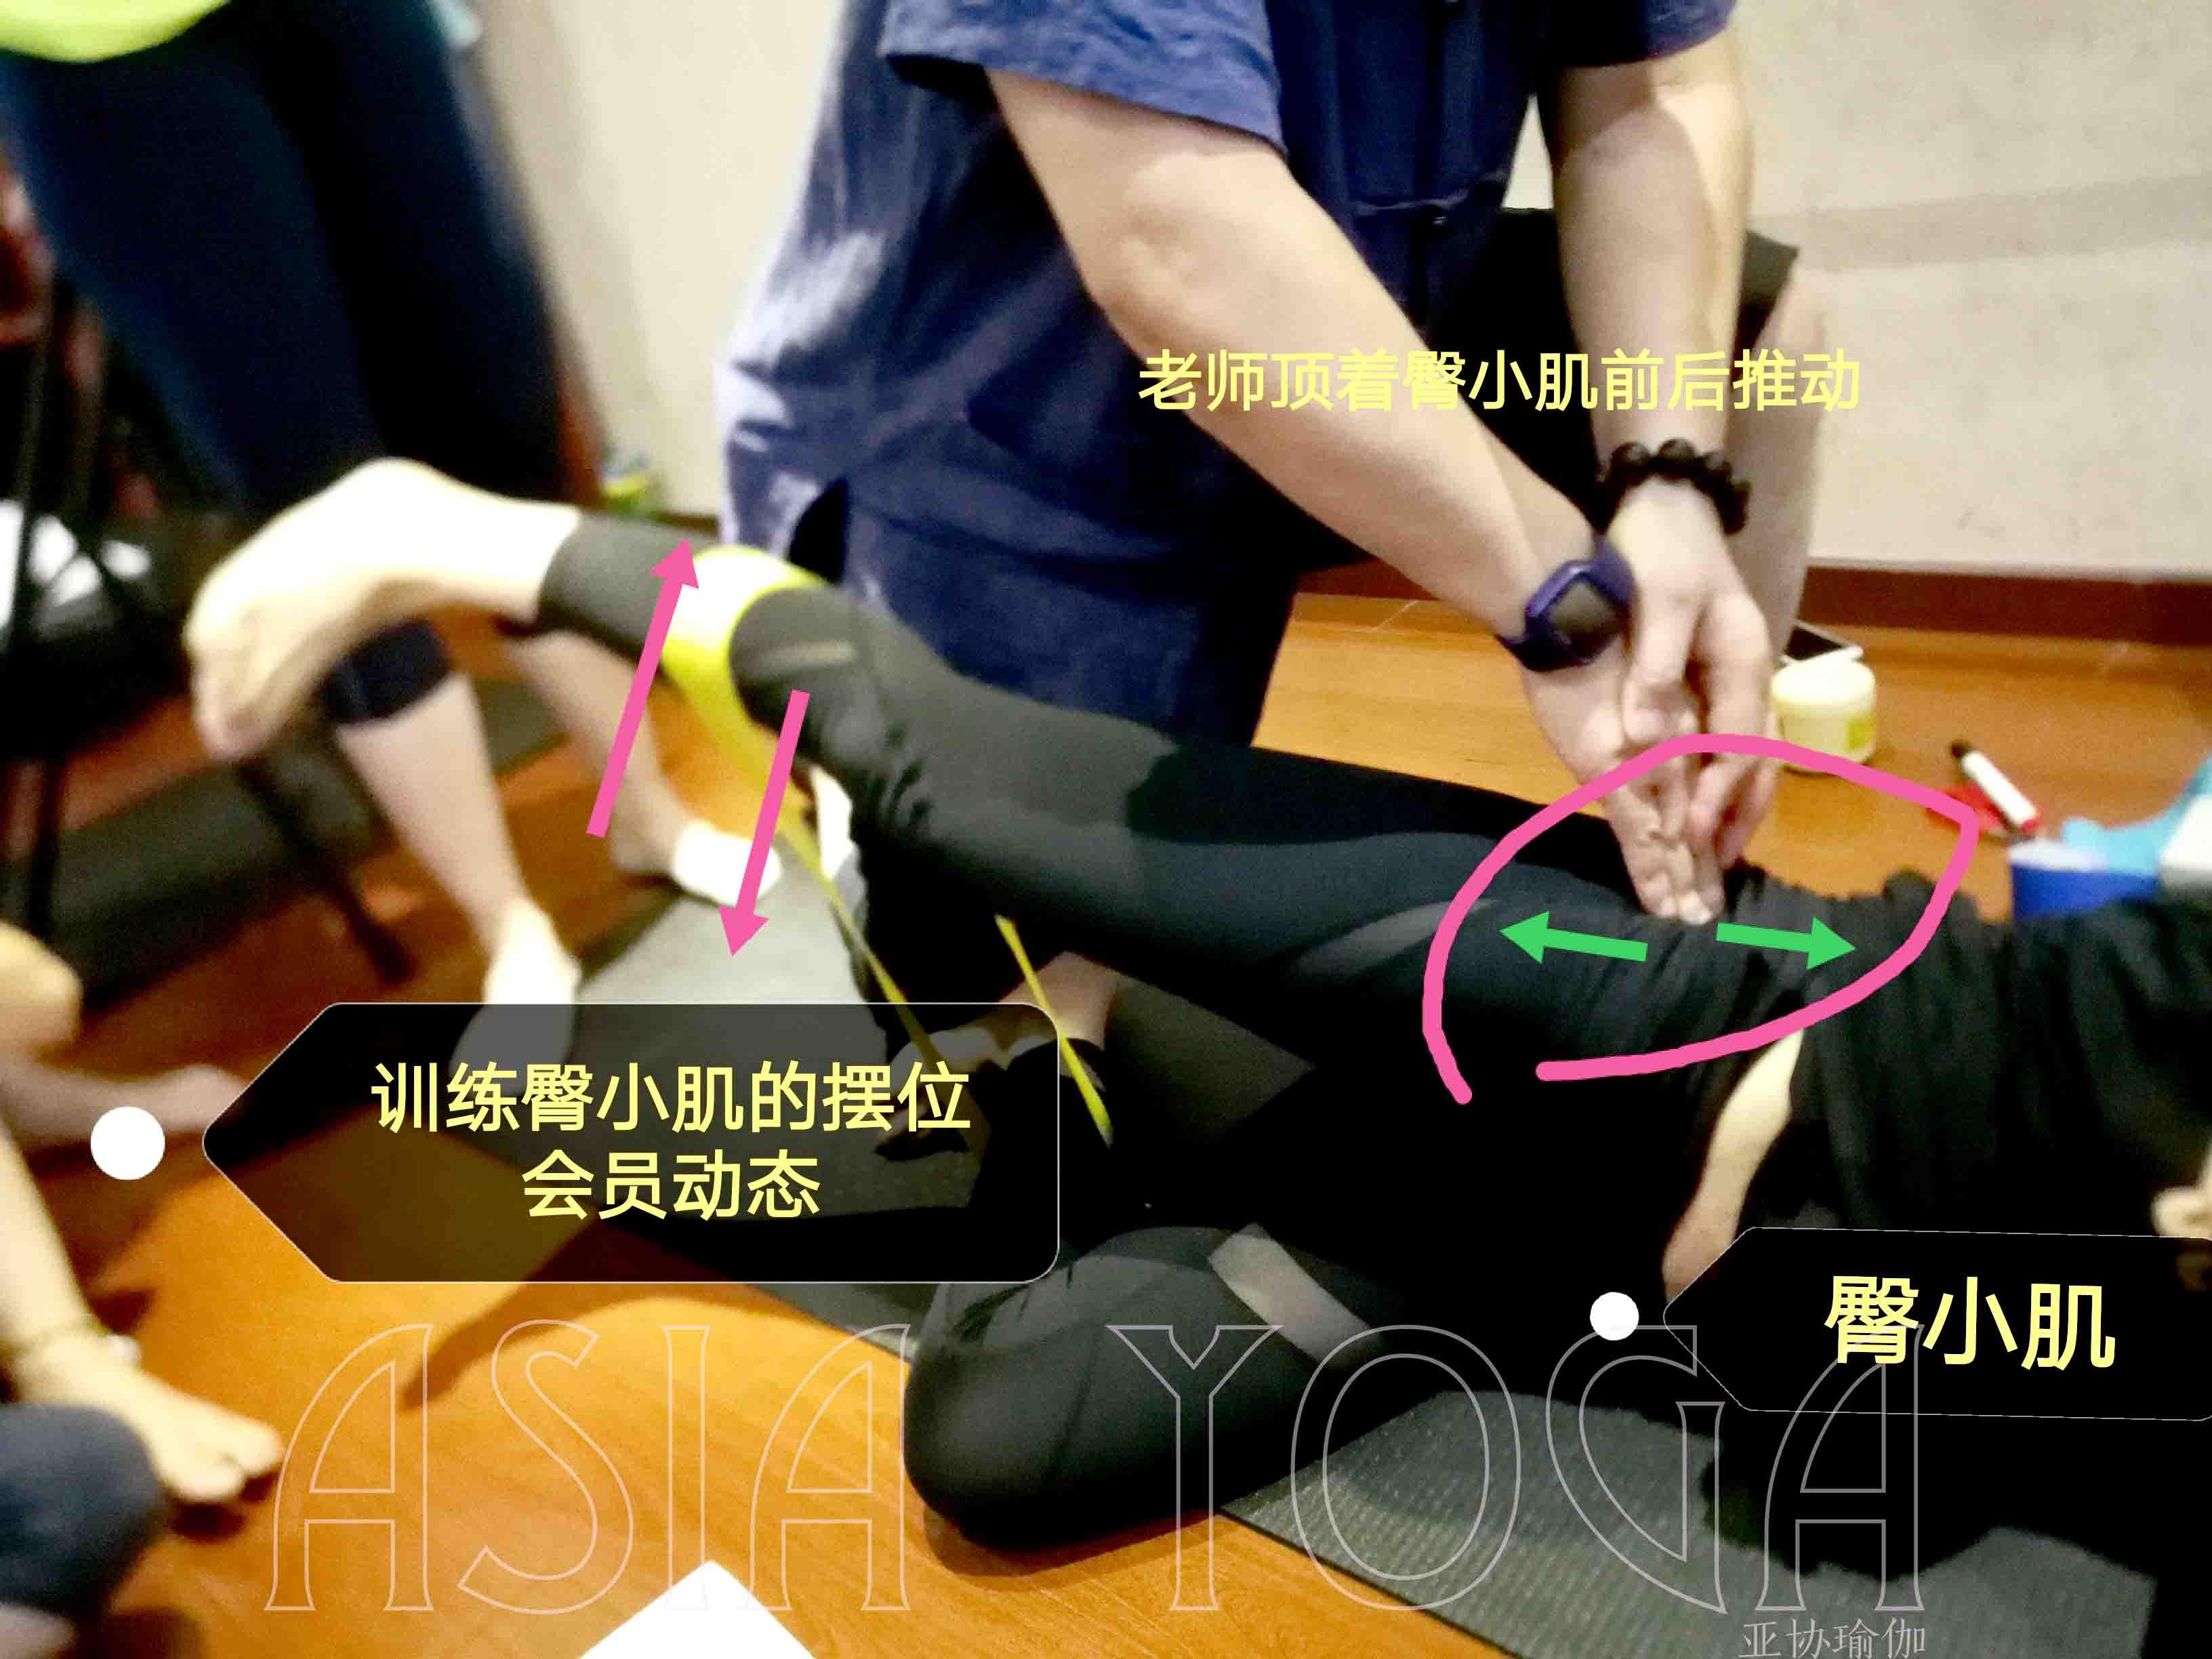 【康复训练私教】10月16日开班,一个直接动手帮你调理身体的康复训练私教课程【提前预定学位可免费复训2期】